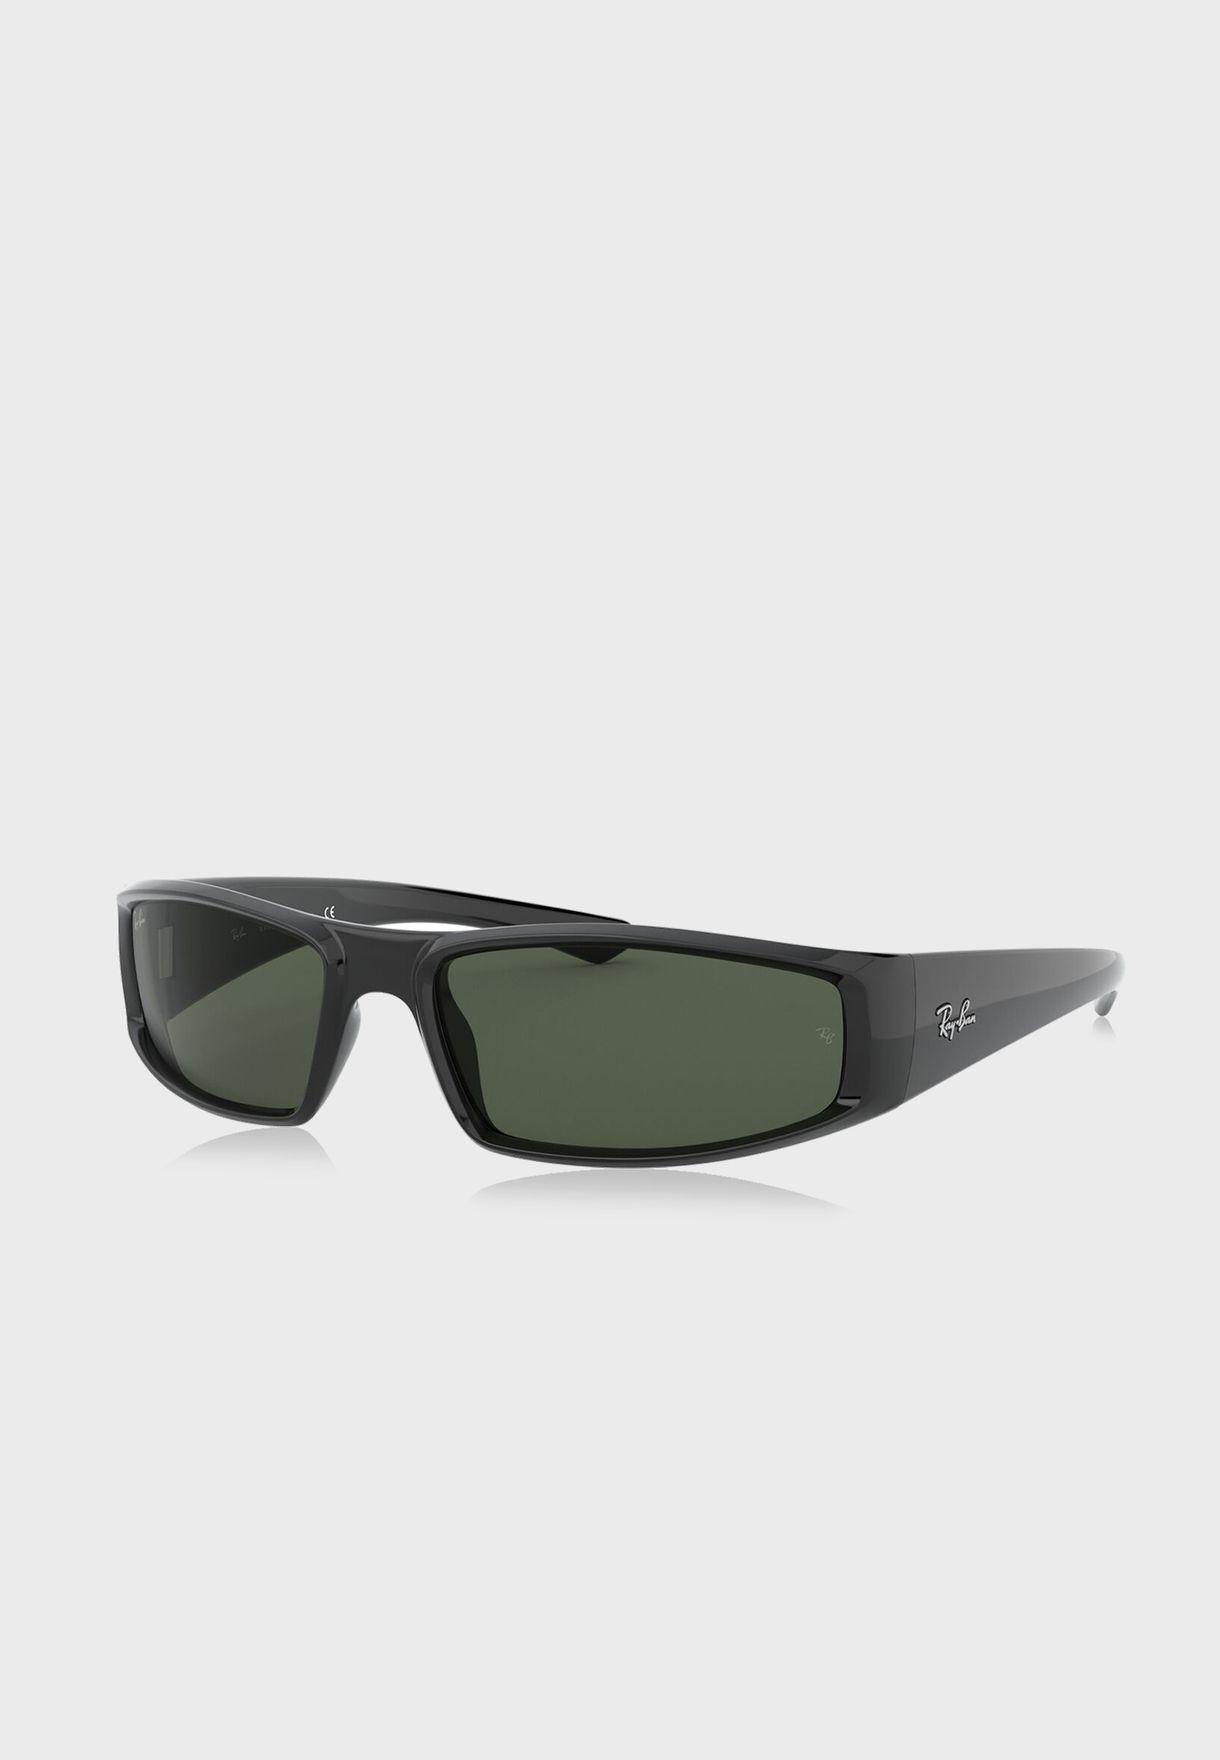 نظارة شمسية عصرية 0Rb4335